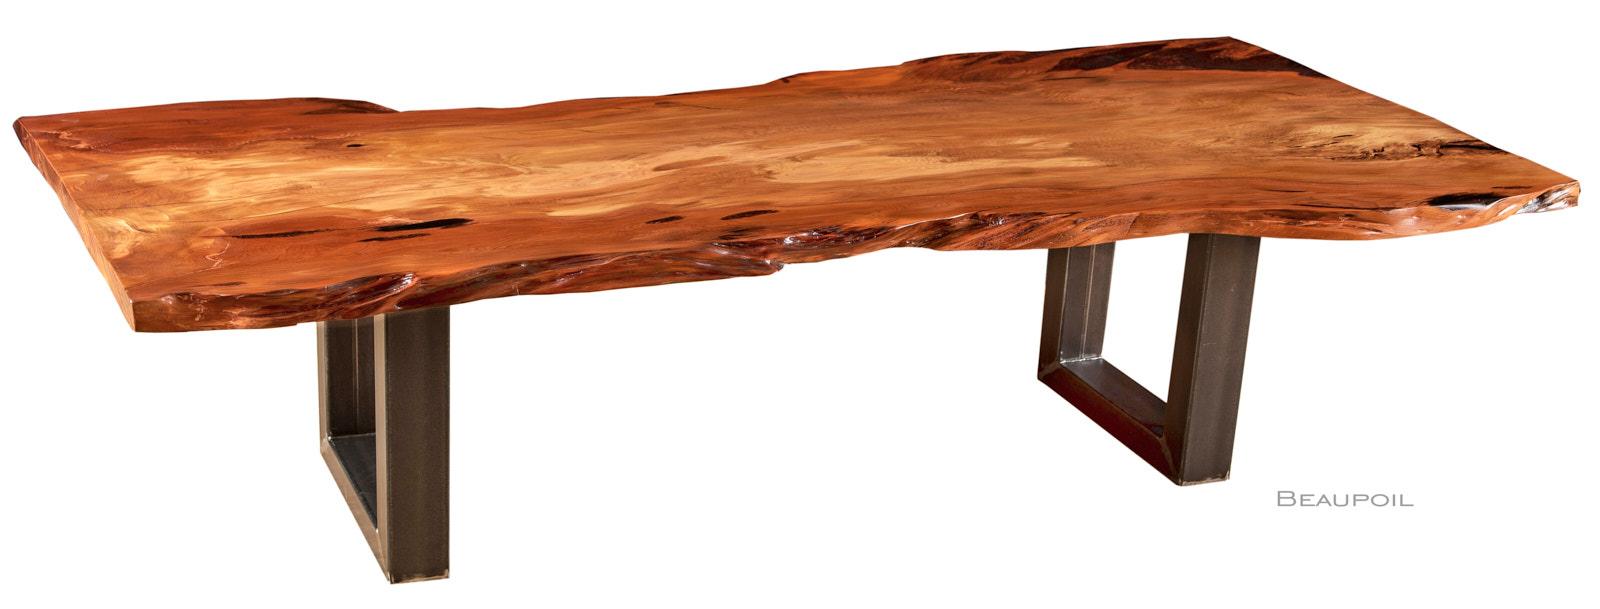 Exklusiver Kauri Esstisch aus Baumstamm als ursprünglicher Holztisch, einzigartiges Einzelstück mit markanten Naturkanten